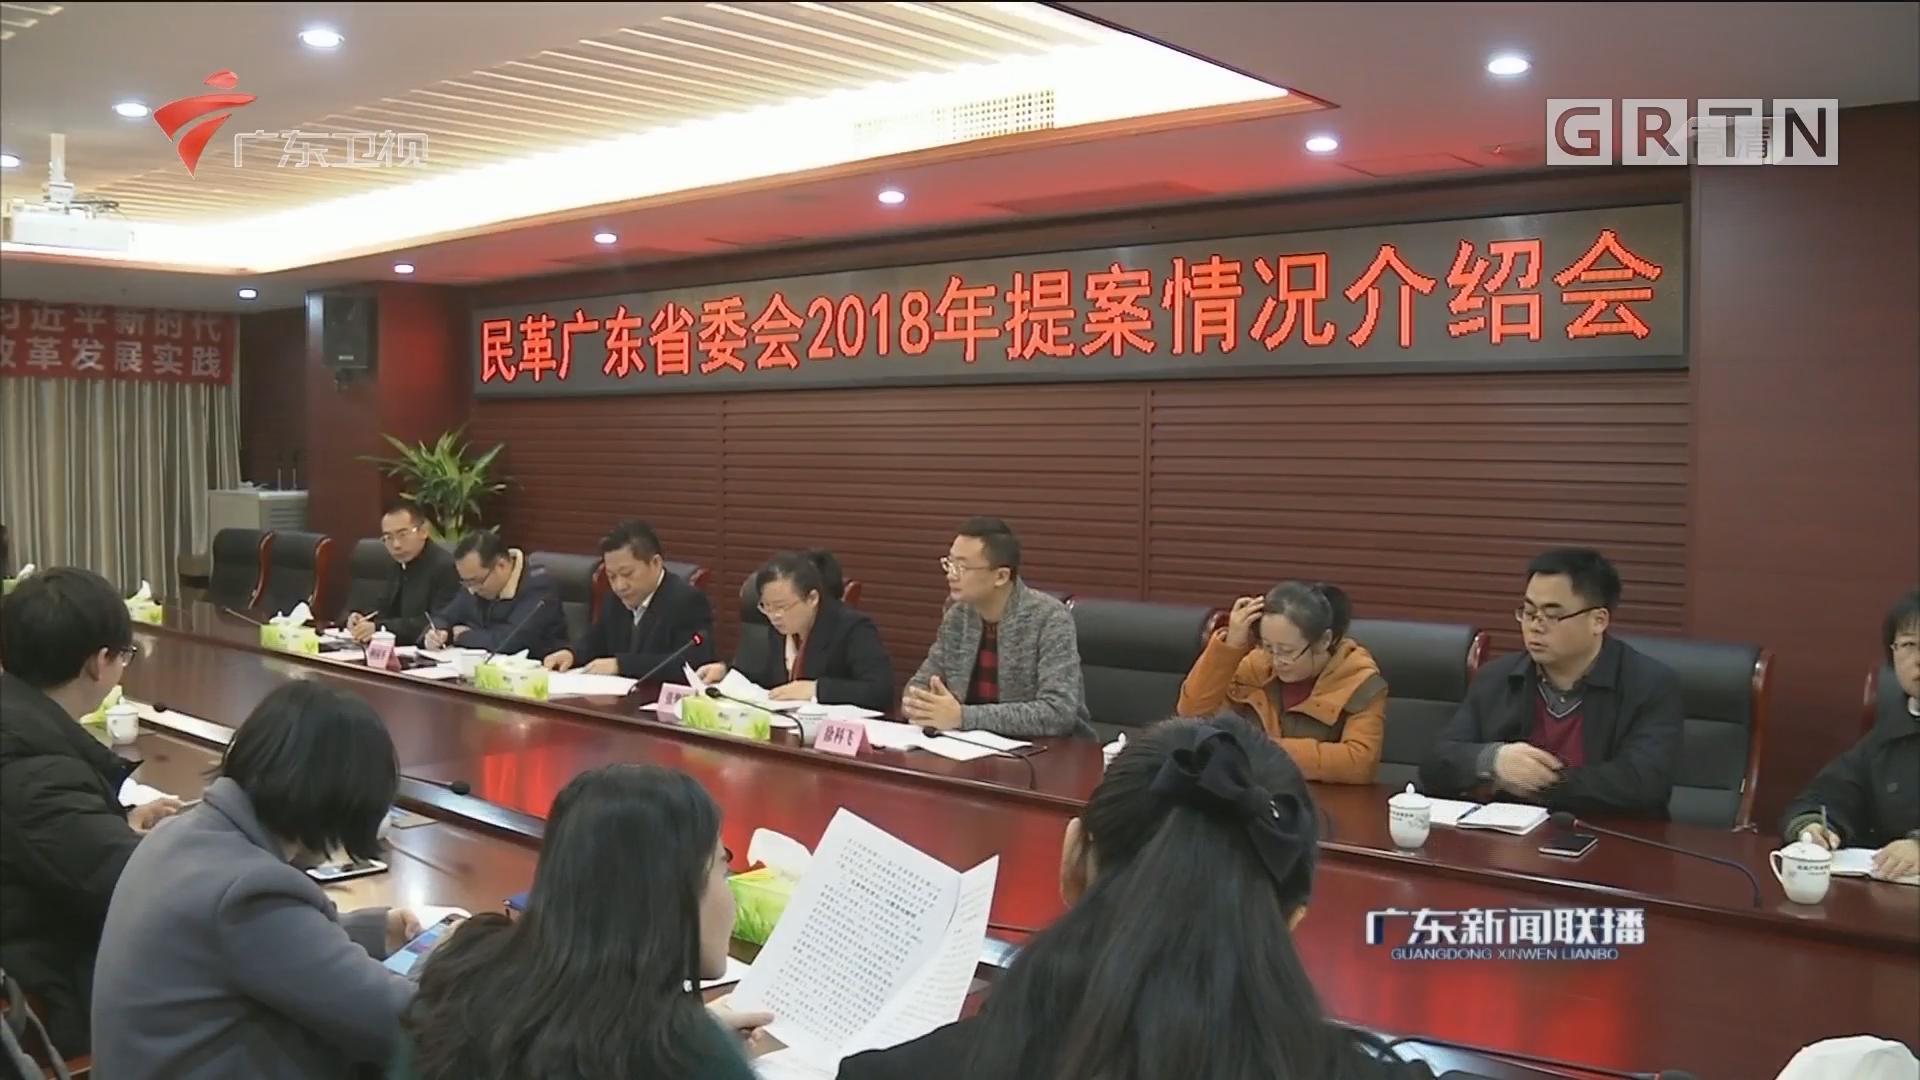 广东两会即将召开 各民主党派通报提案准备情况